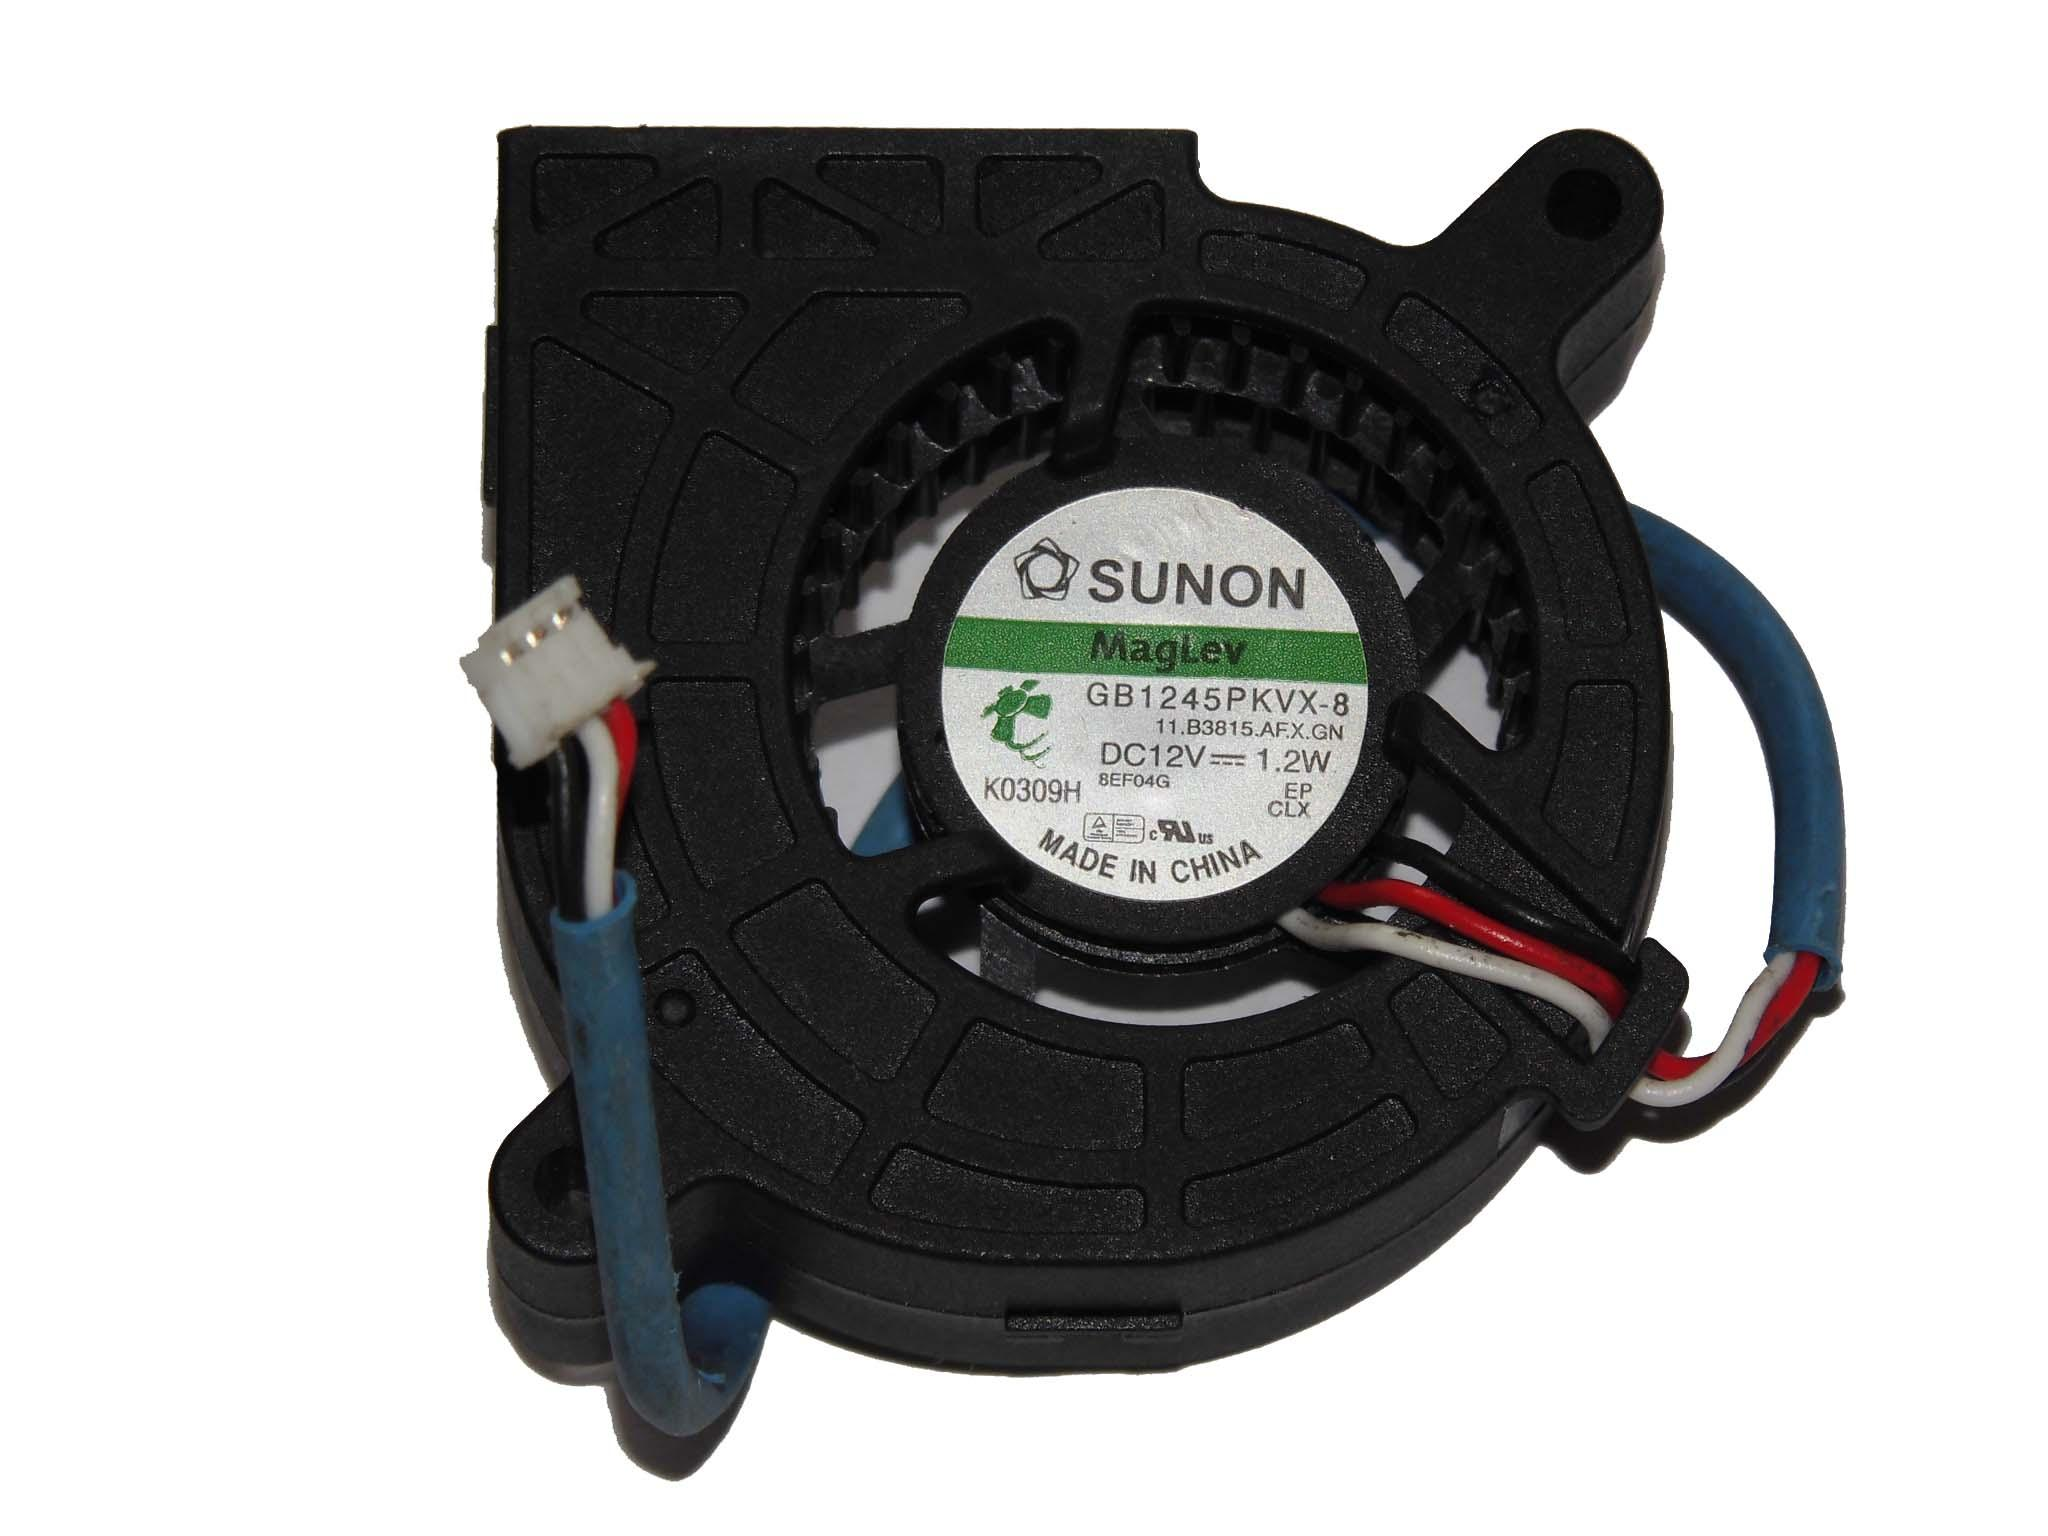 SUNON GB1245PKVX-8 11.B3815.AF.X.GN 12V 1.2W 3Wire for optoma X316ST DT5603 EW610ST VE28X Projector Fan